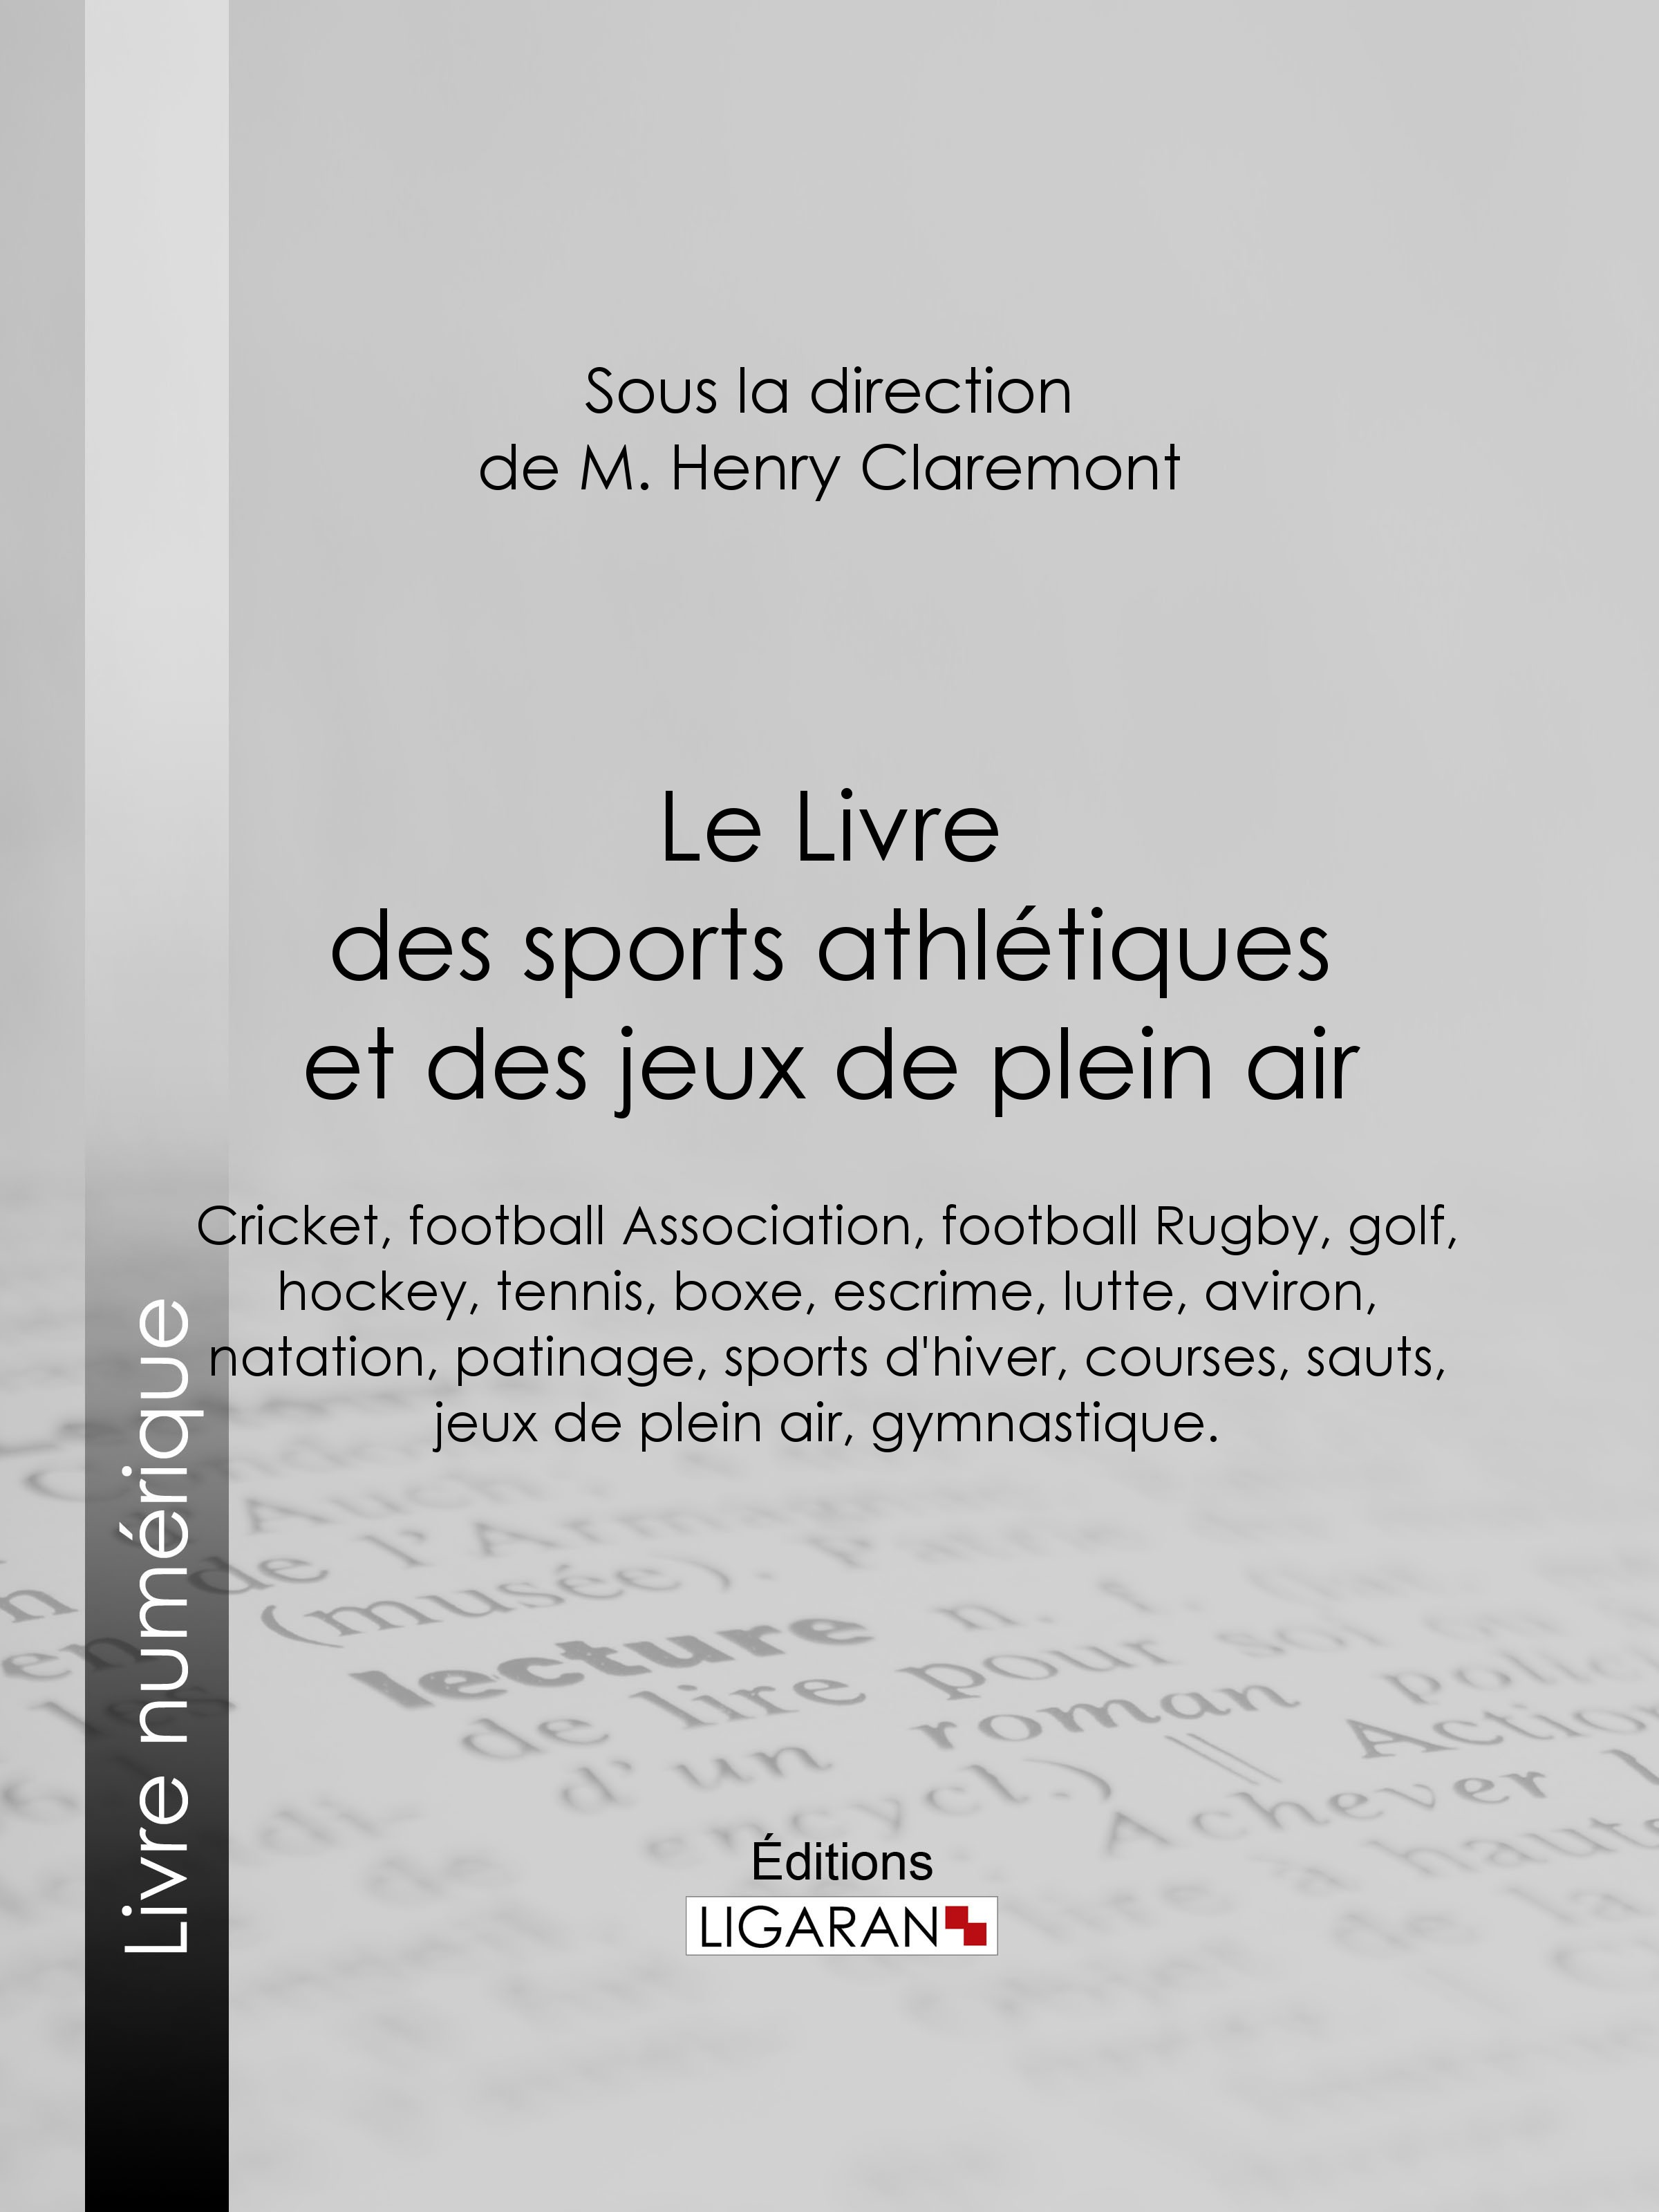 Le Livre des sports athlétiques et des jeux de plein air